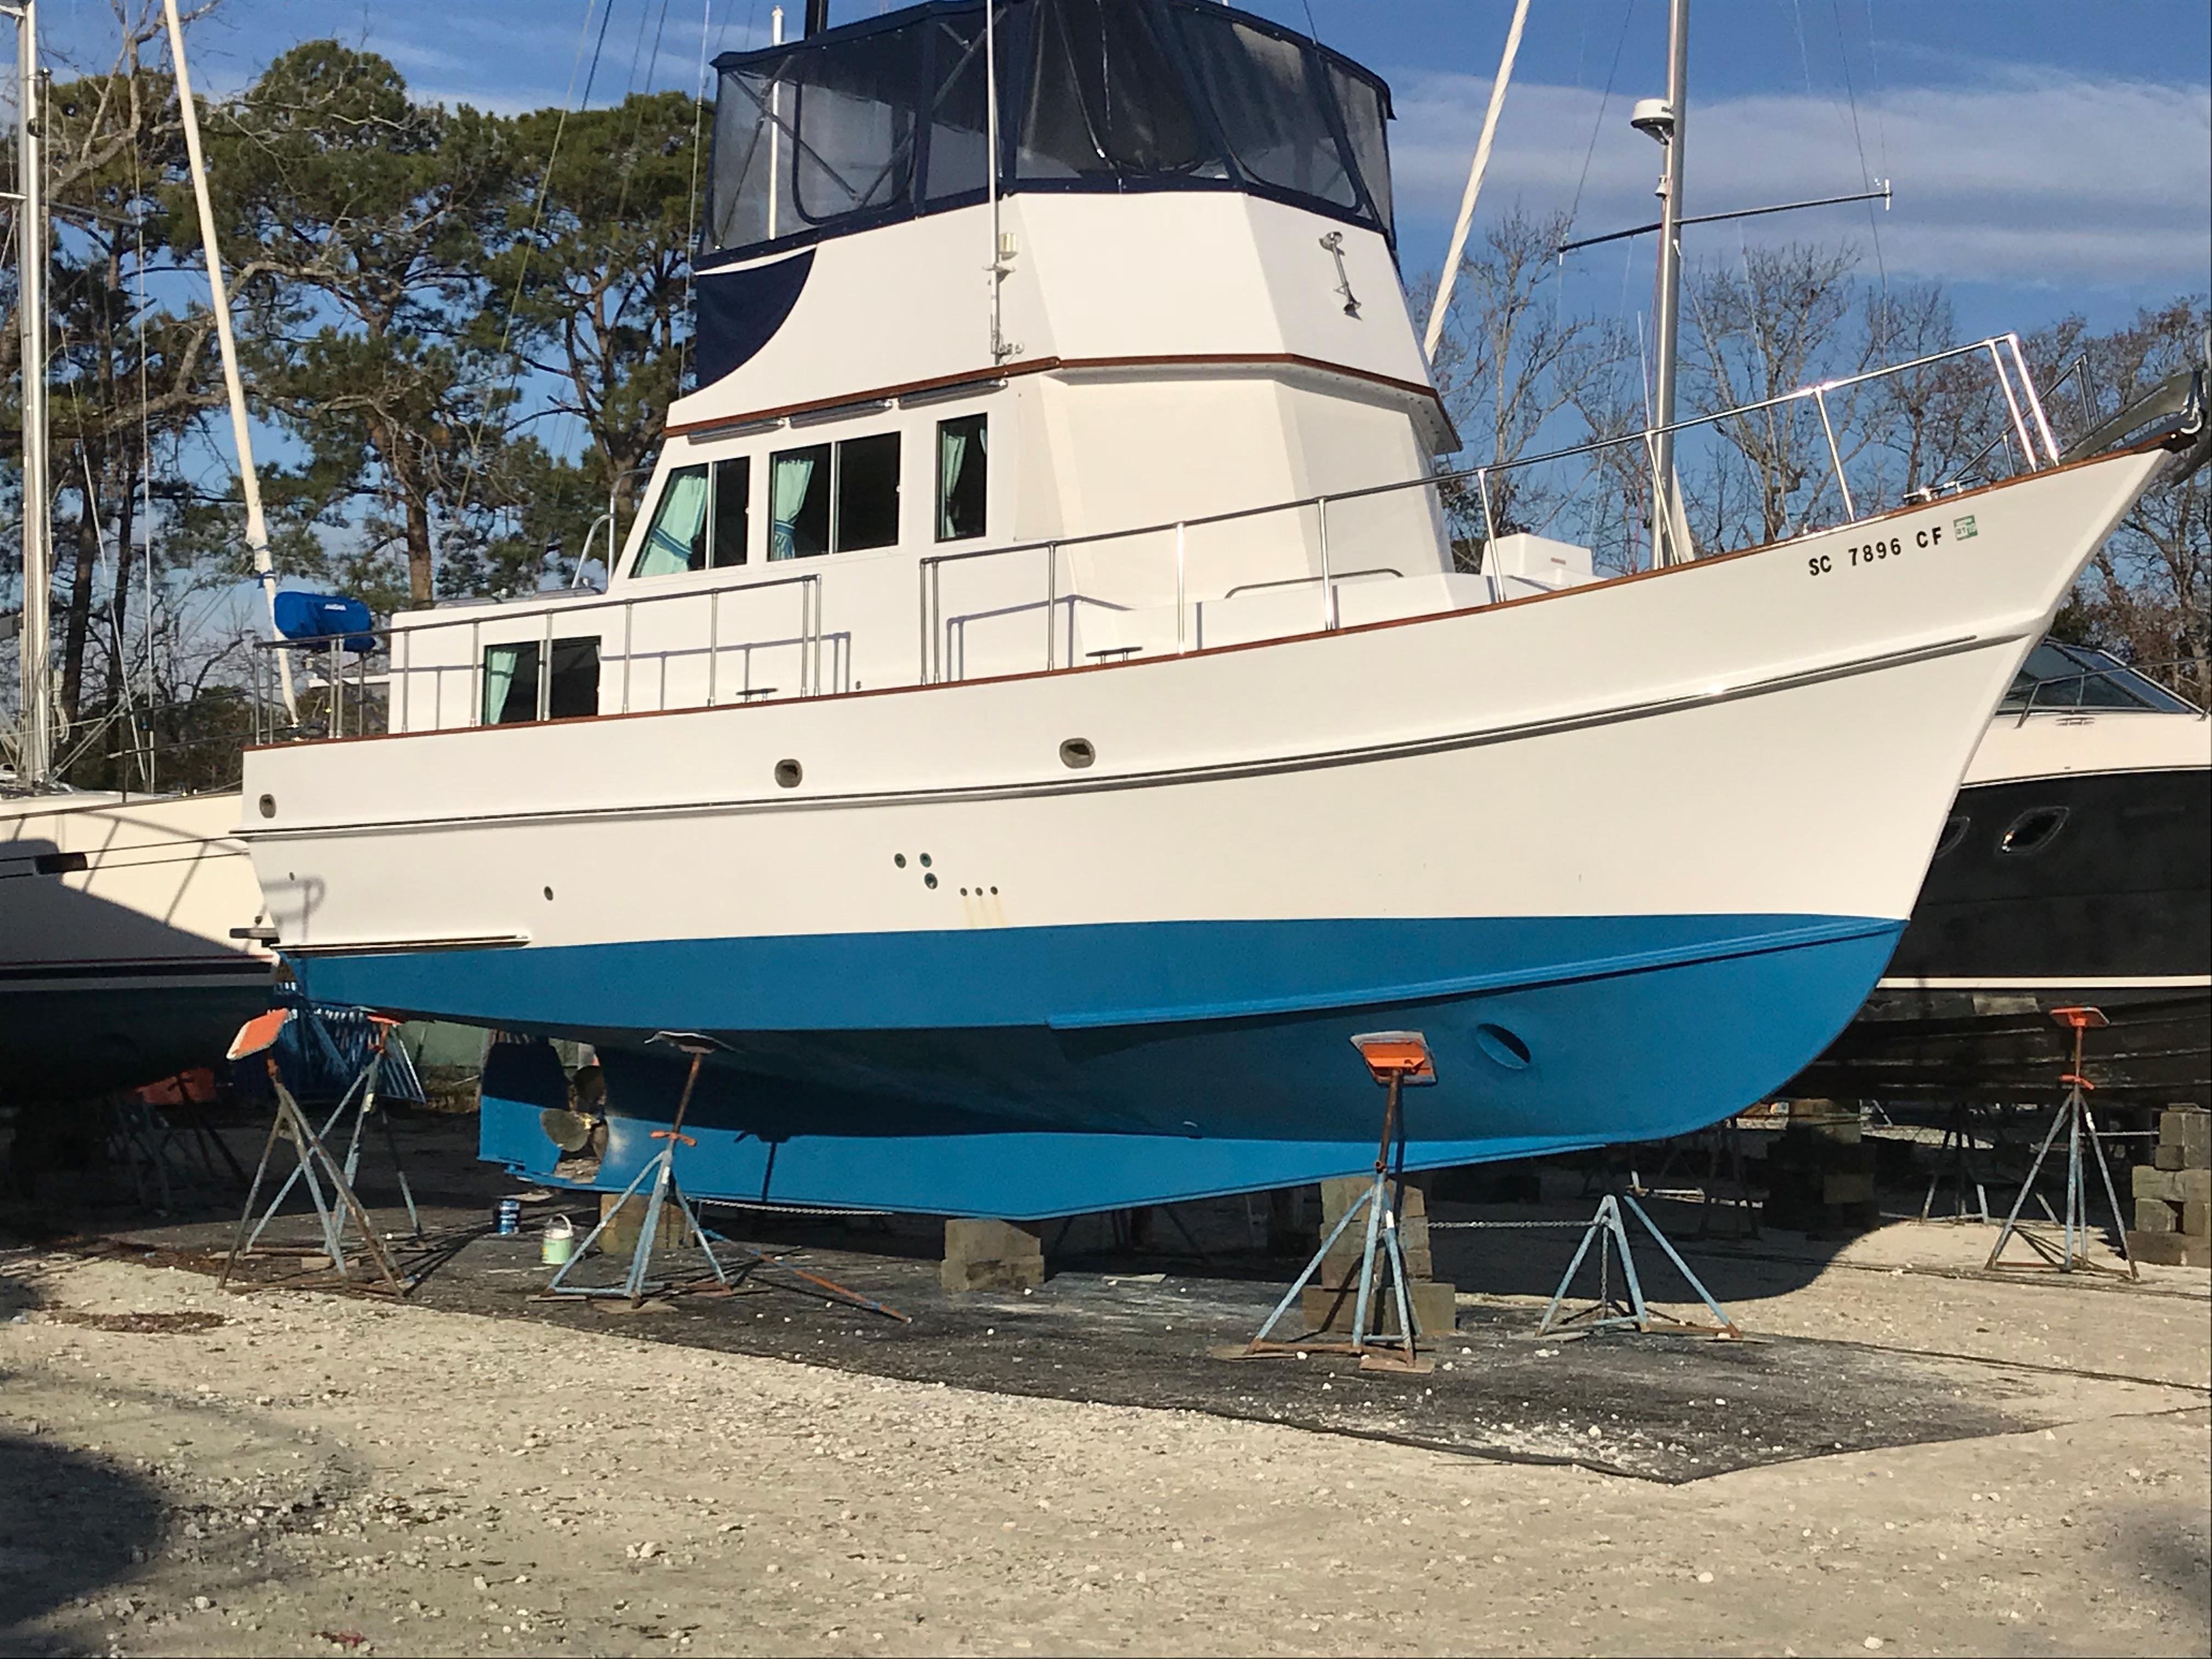 Custom 36 Yukon Trawler - Fresh Bottom Paint Jan 2018